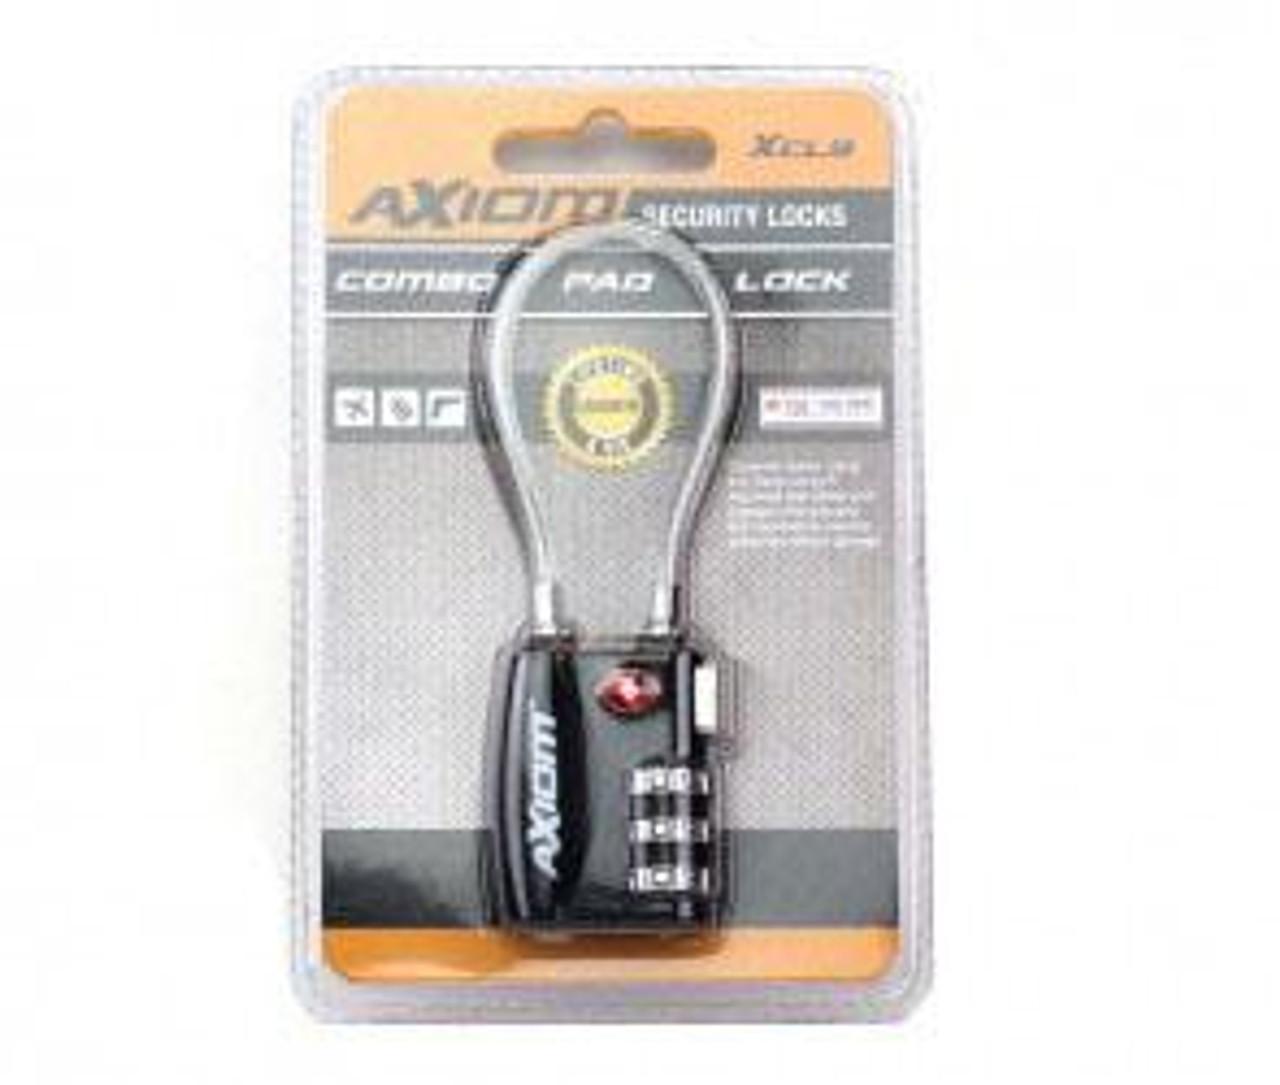 Axiom Combination Cable Lock